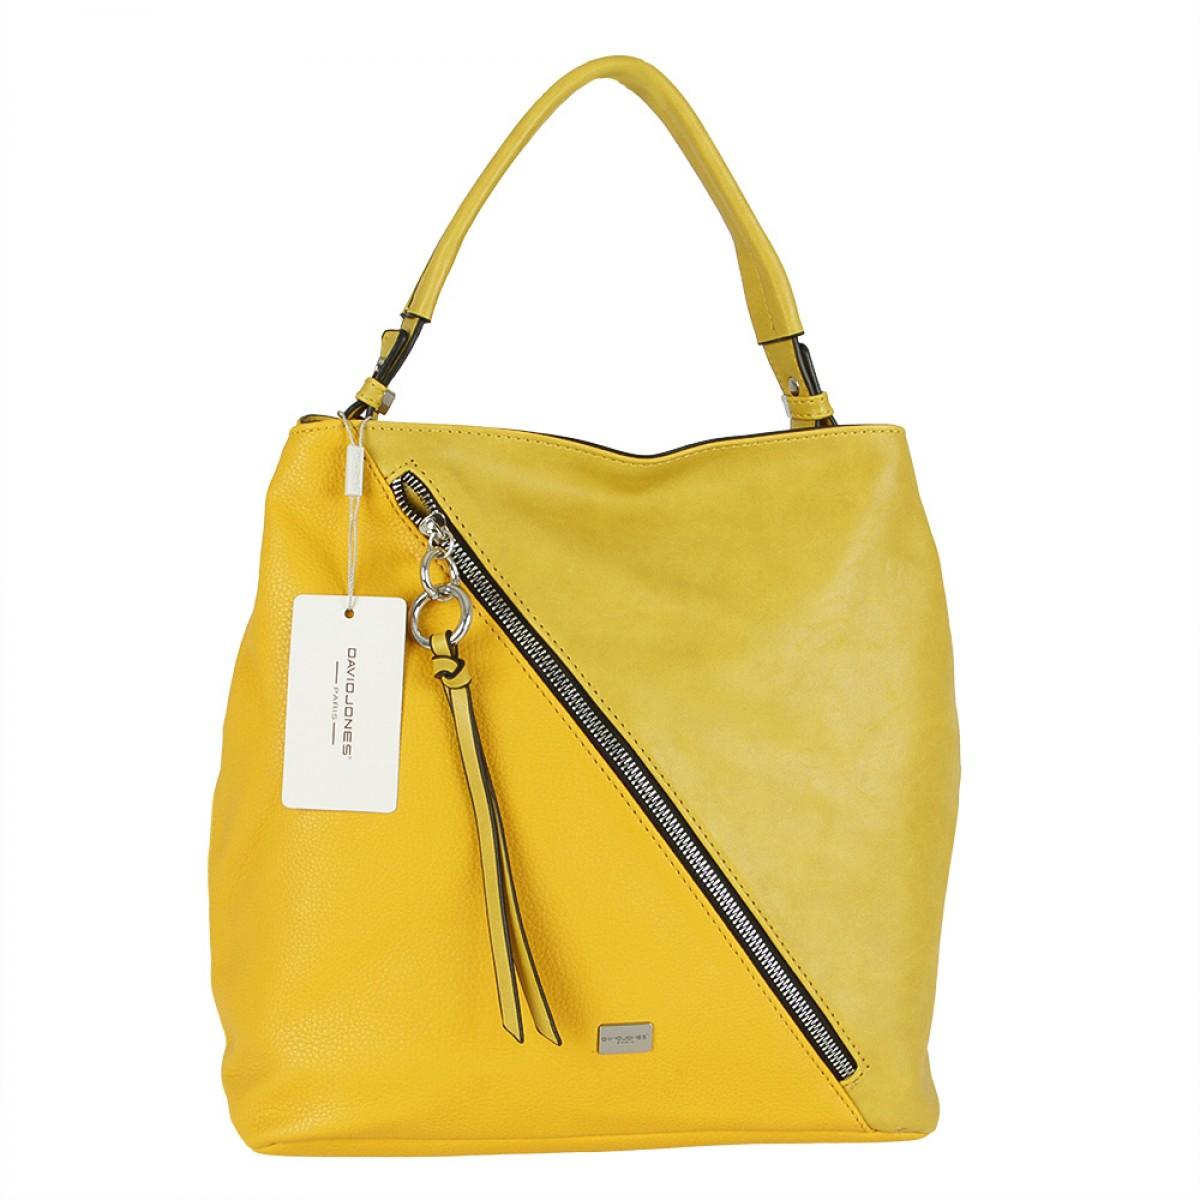 Жіноча сумка David Jones CM5673 YELLOW